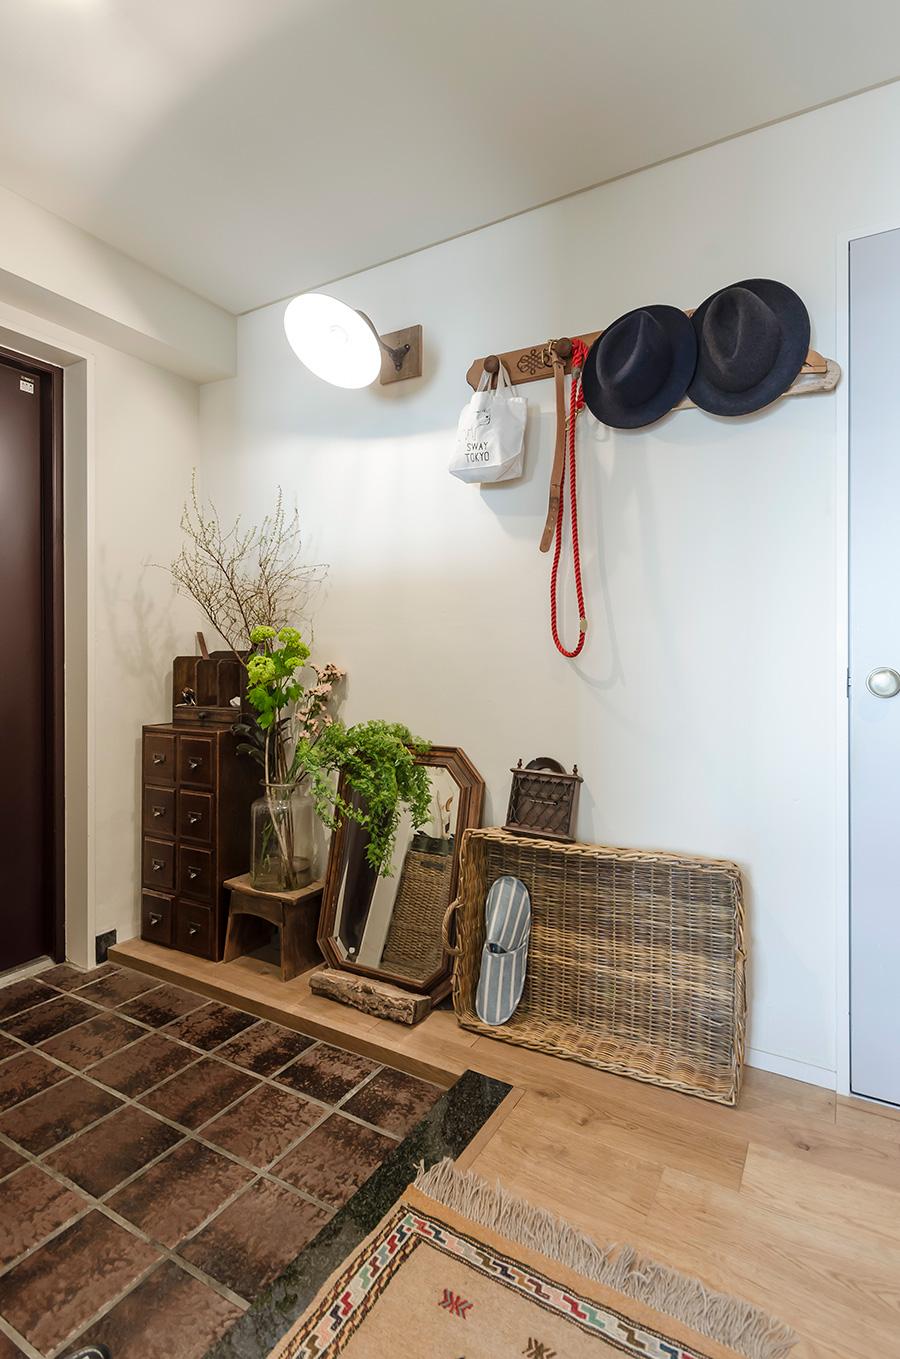 玄関土間のレトロなタイルも既存のもの。写真右のドアは、収納スペース。